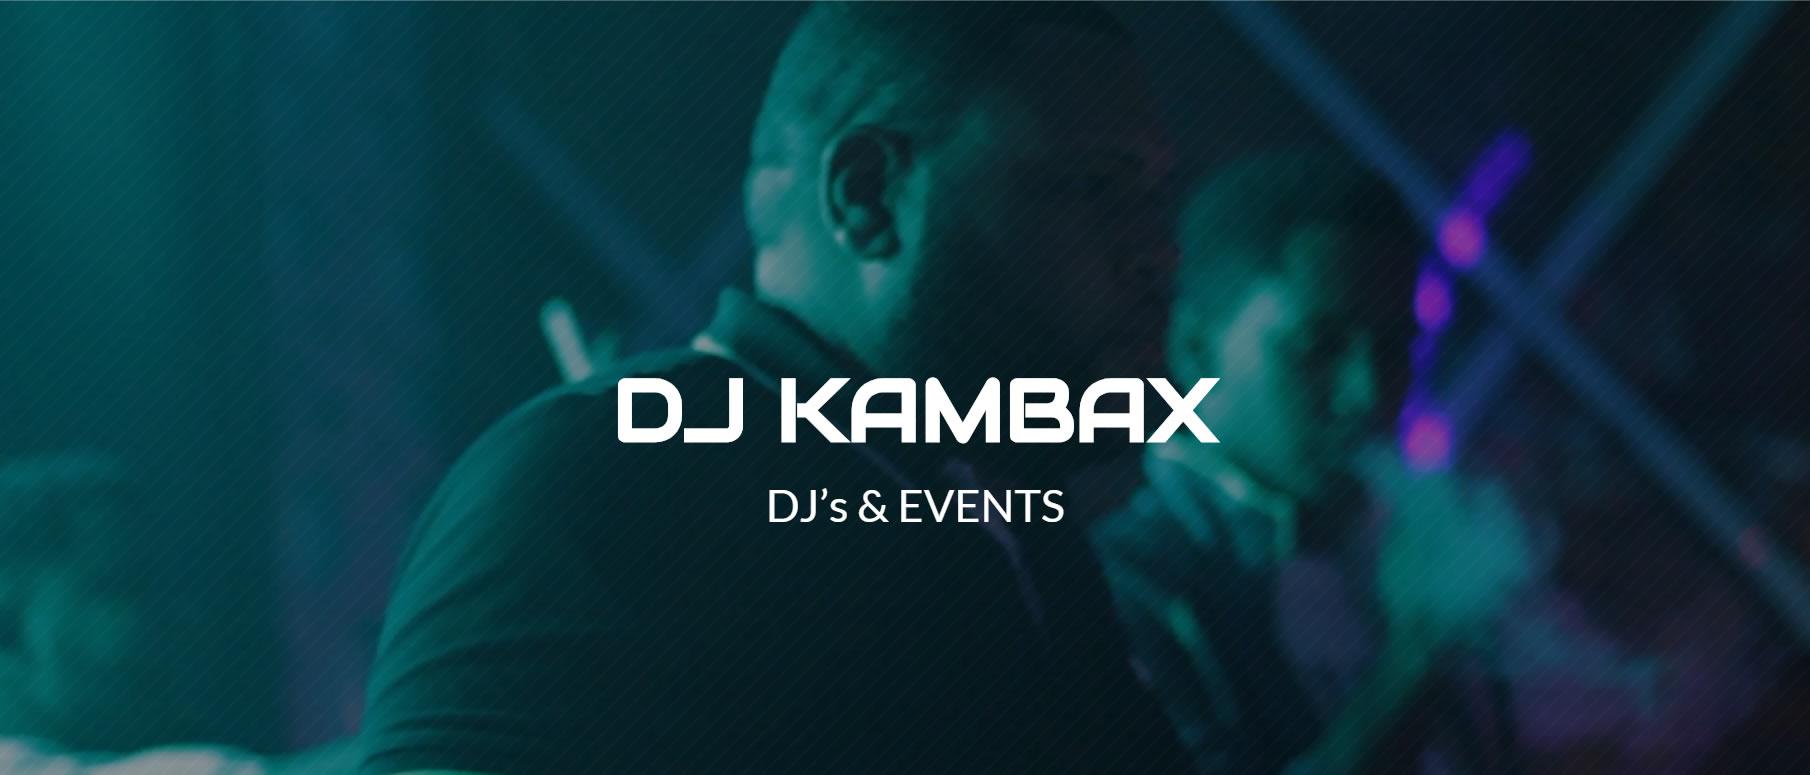 Dj Kambax Open Format Productor – DJ's & Events La Romana